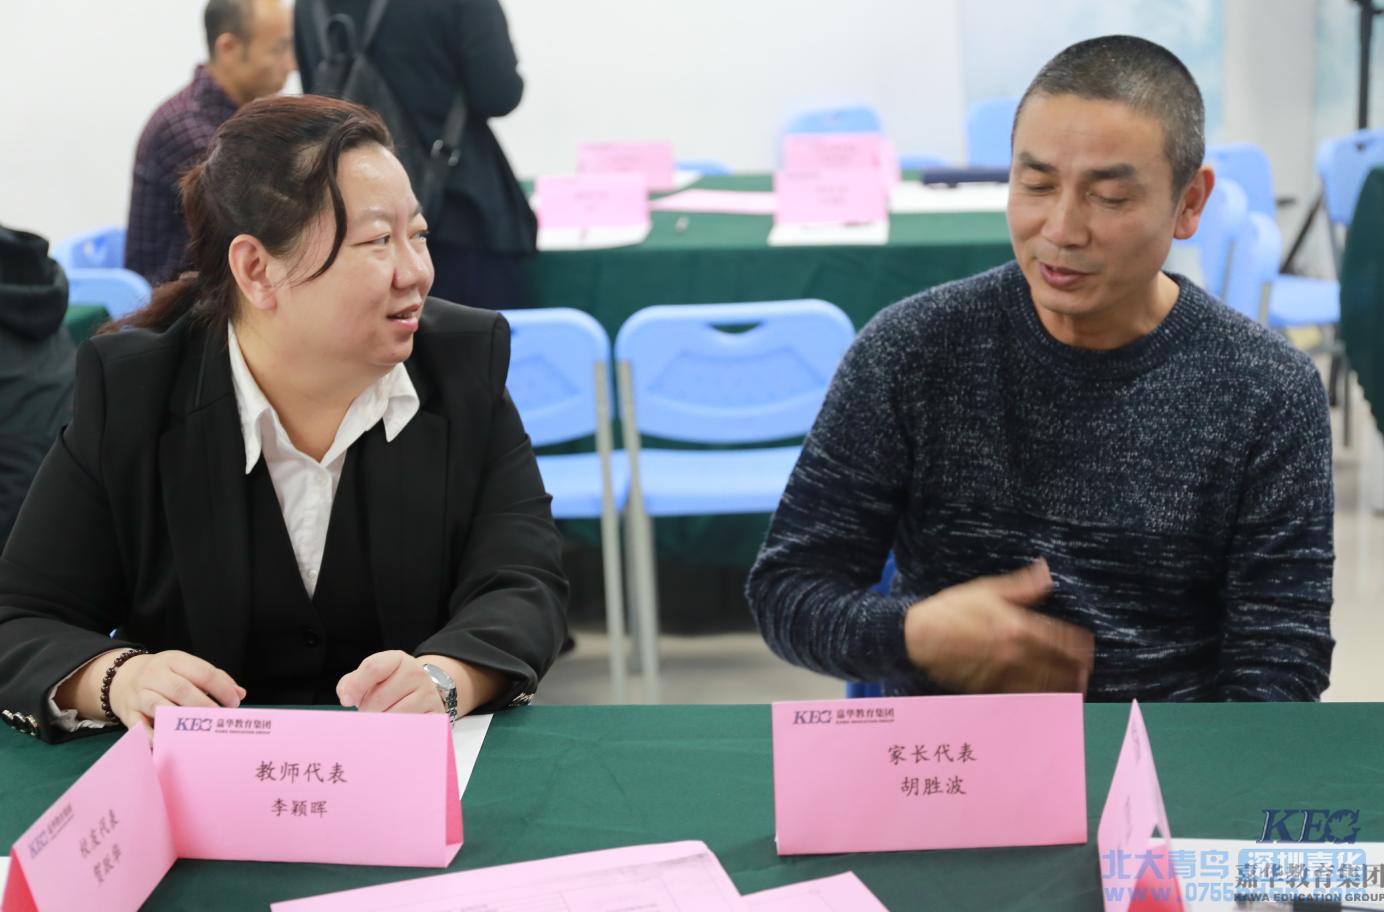 嘉华教育集团第四届春茗会现场报道